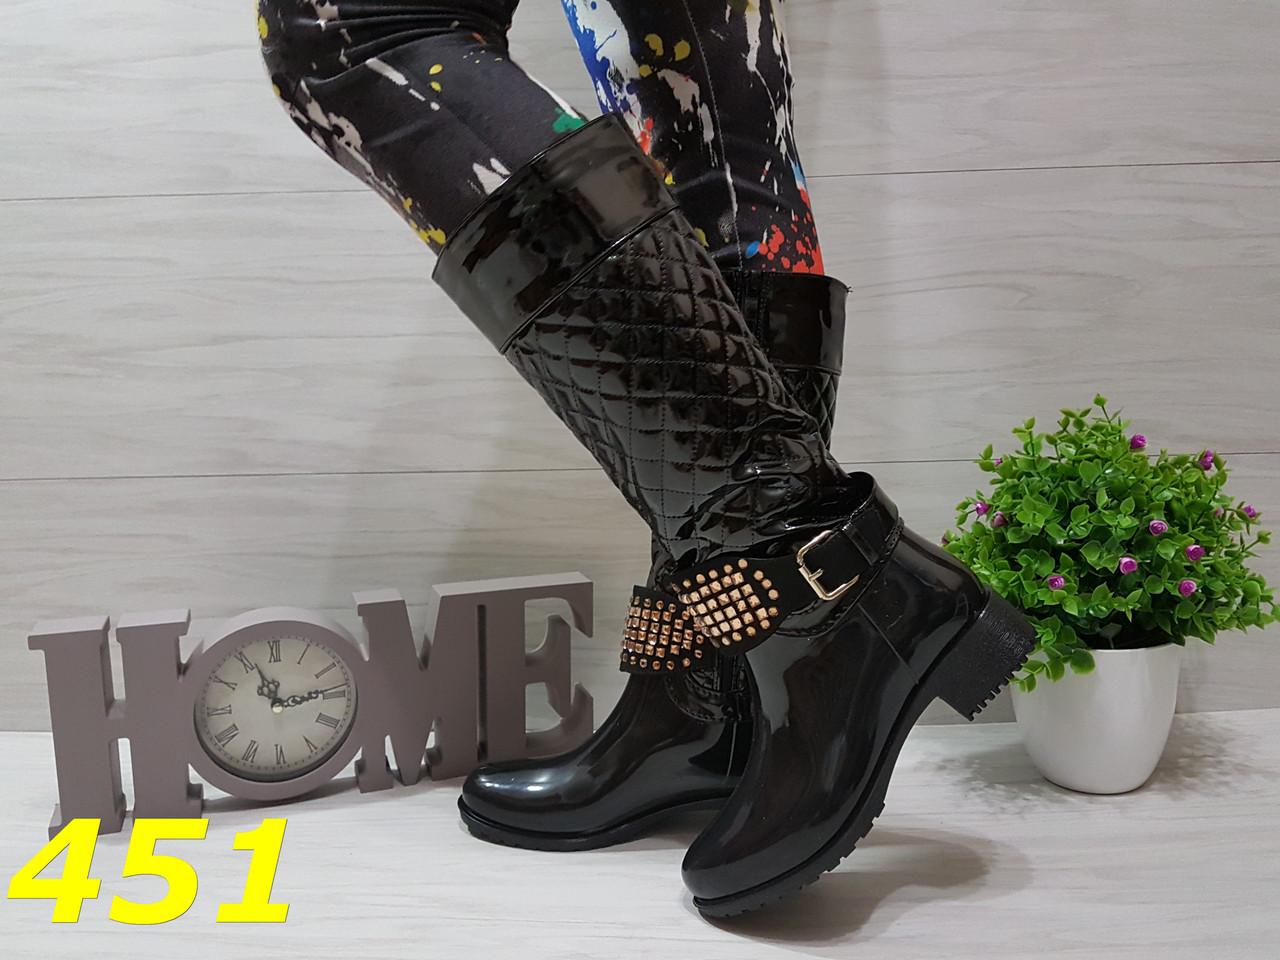 42e2f18acb09 ... Женская обувь Кременчуг · Ботинки Кременчуг. Резиновые сапоги офицерки